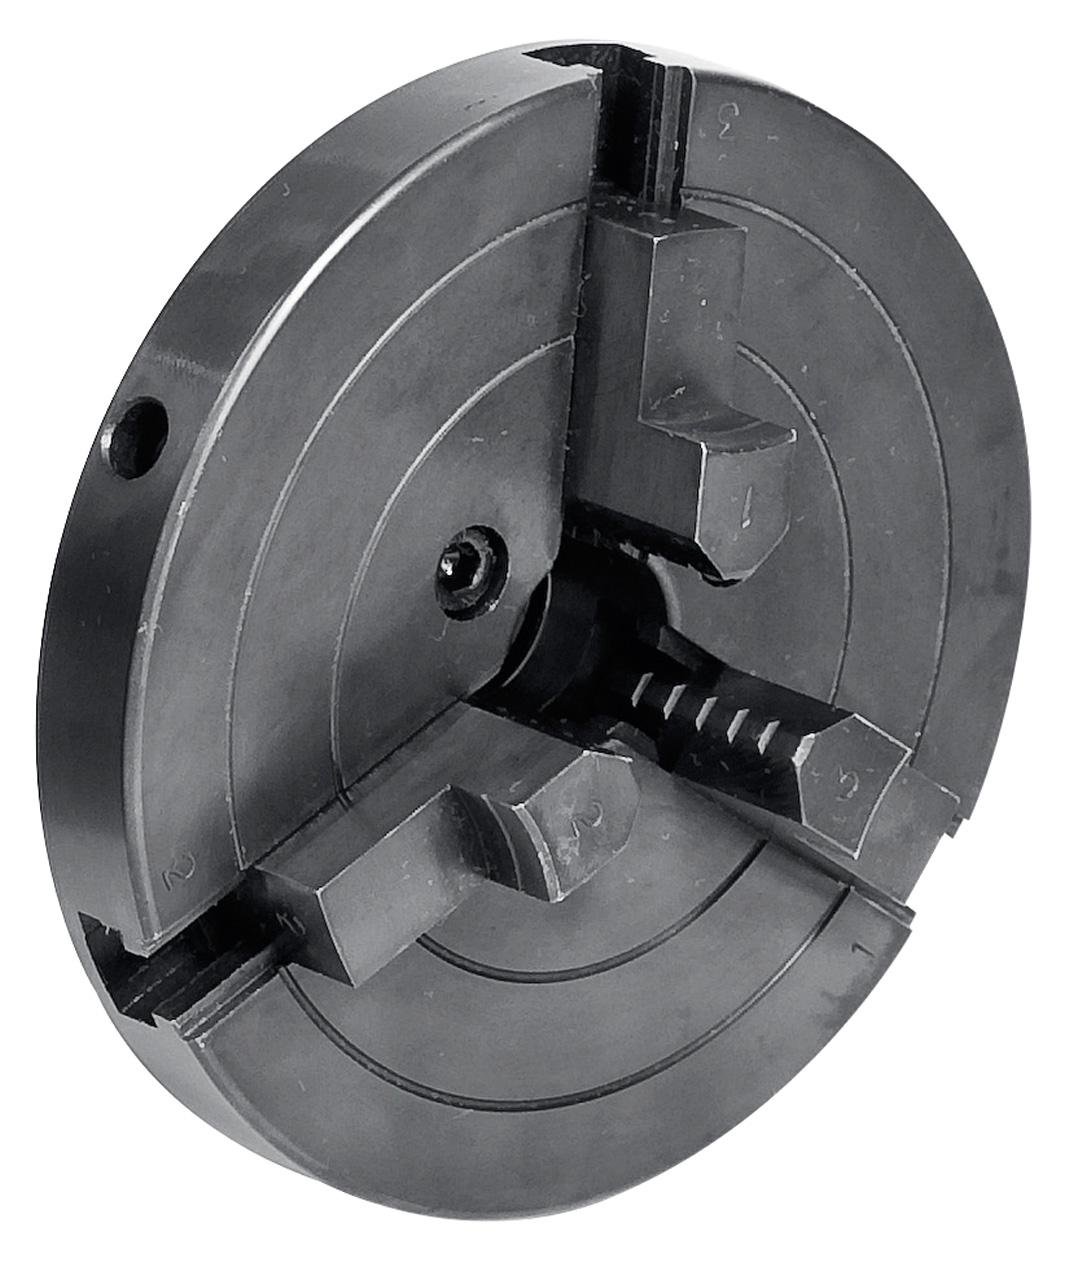 Uchwyt tokarski 3-szczękowy 125 mm / M 33 x 3,5 mm BERNARDO